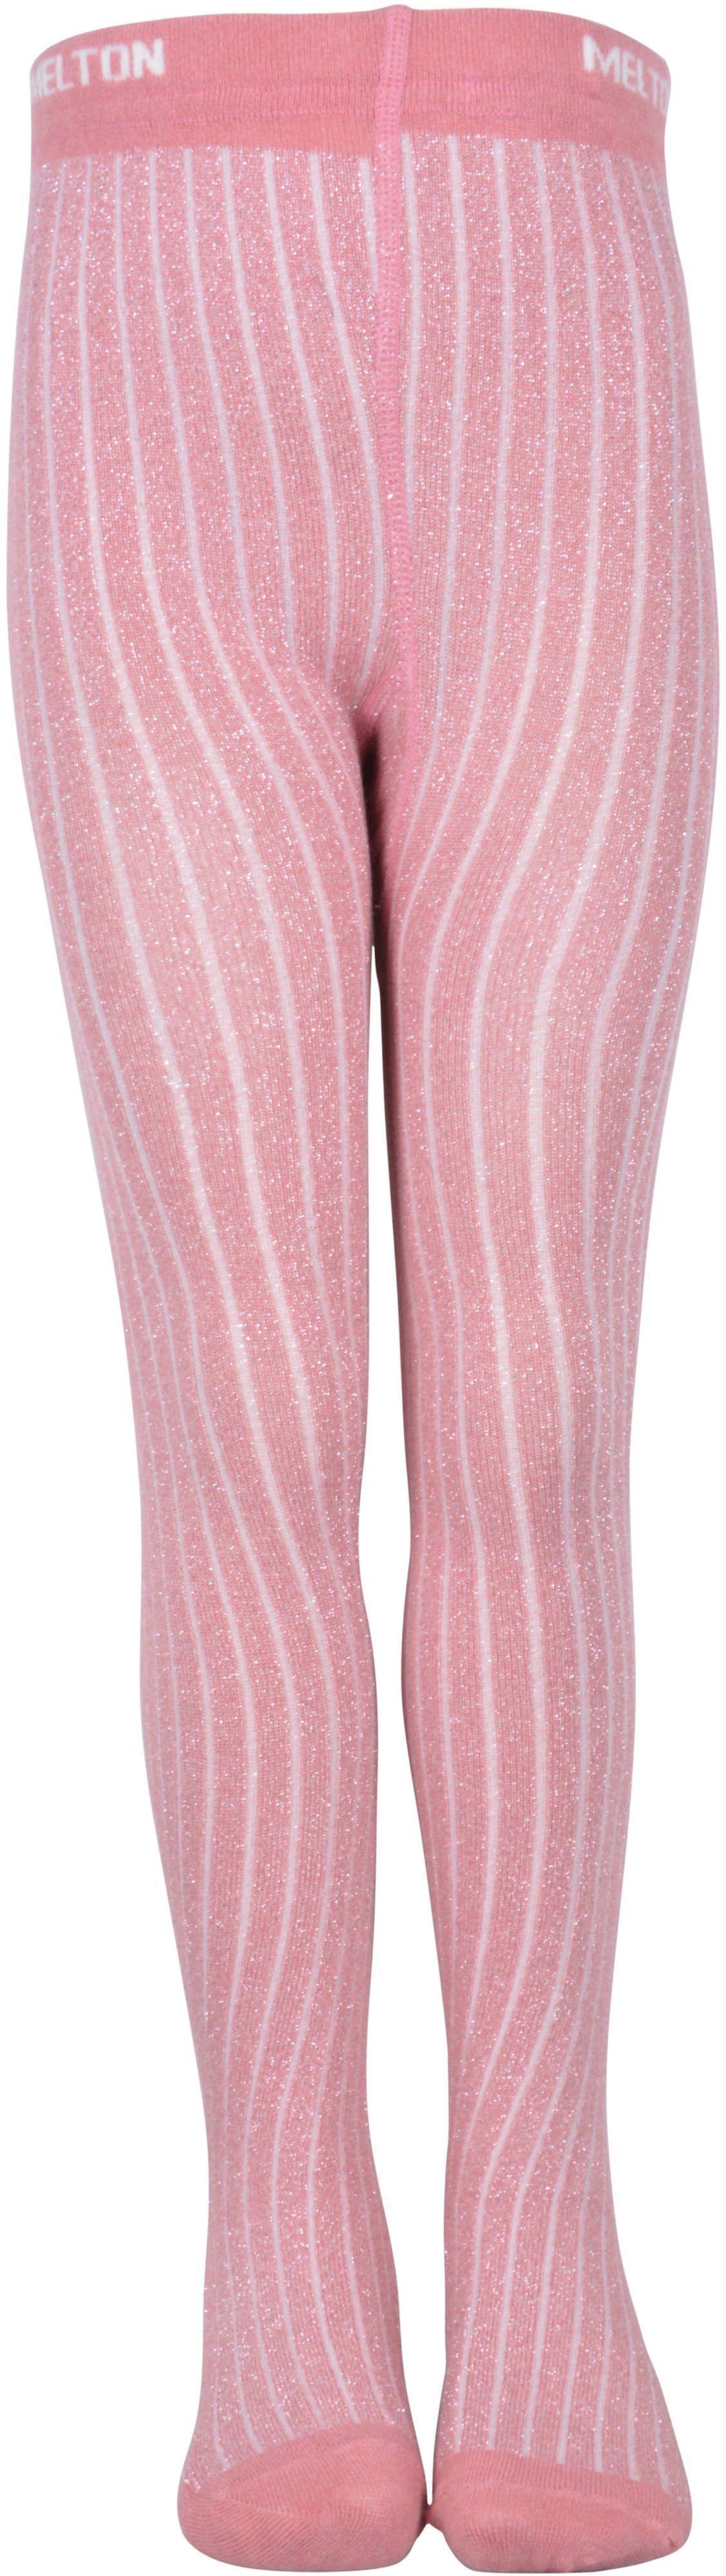 Image of Bambus glimmer strømpebukser fra Melton - Dusty rose (922001-519)